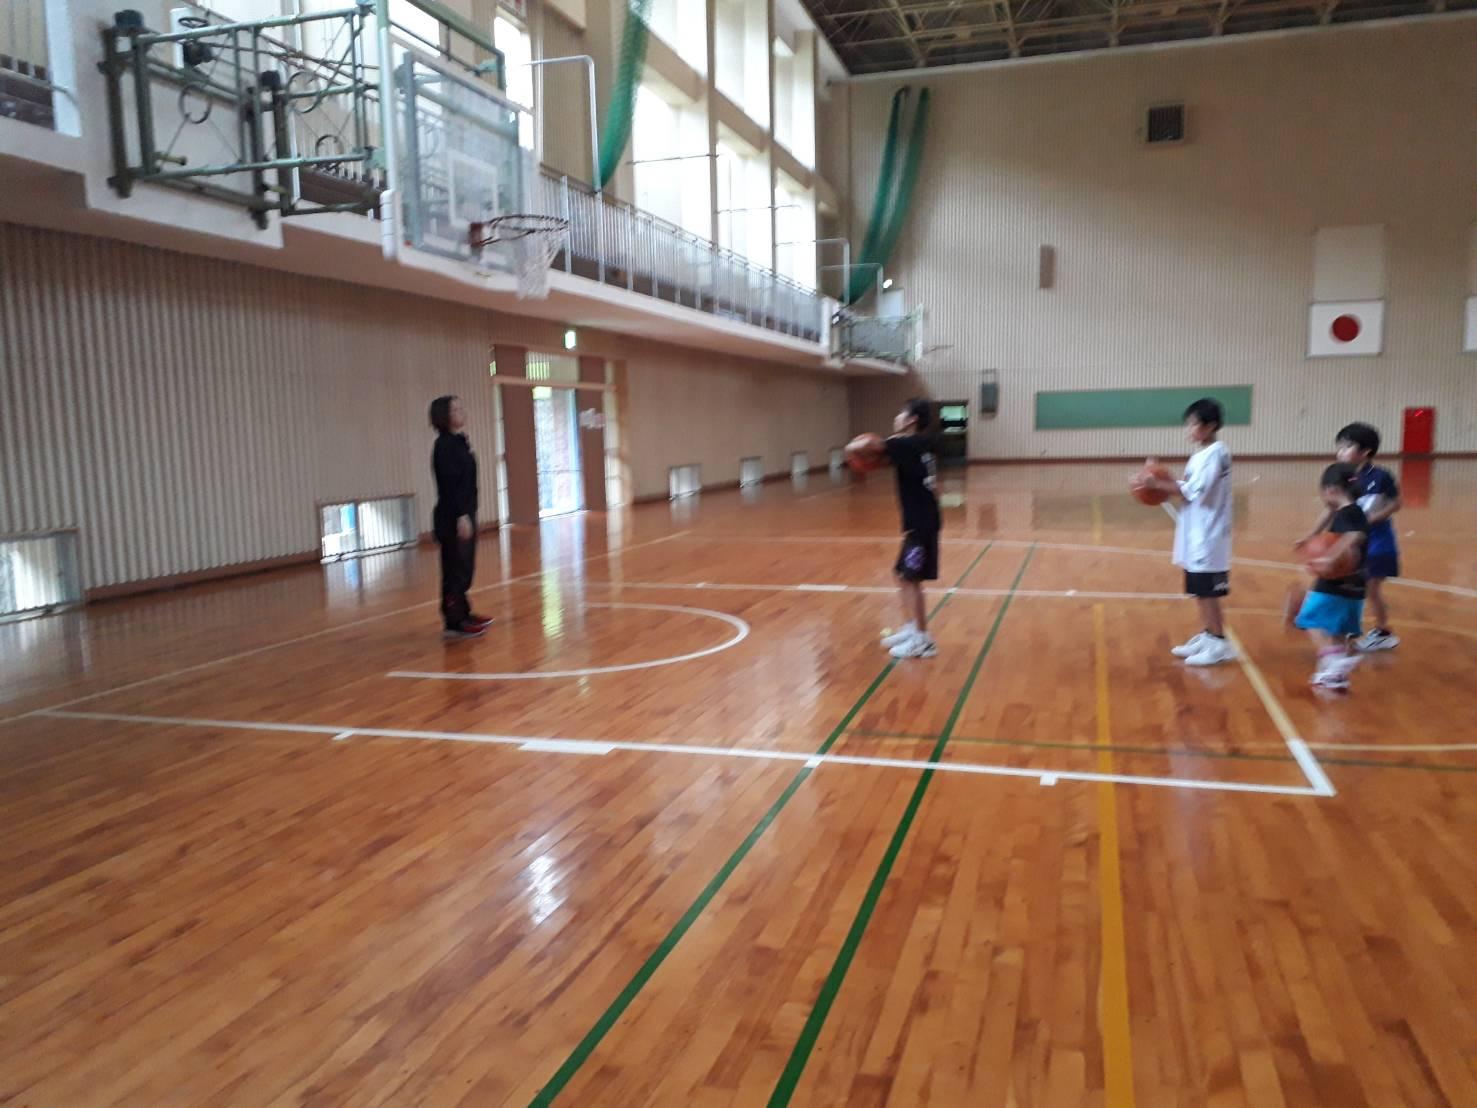 【日曜日は川内校のバスケットボール教室DAYでした。】